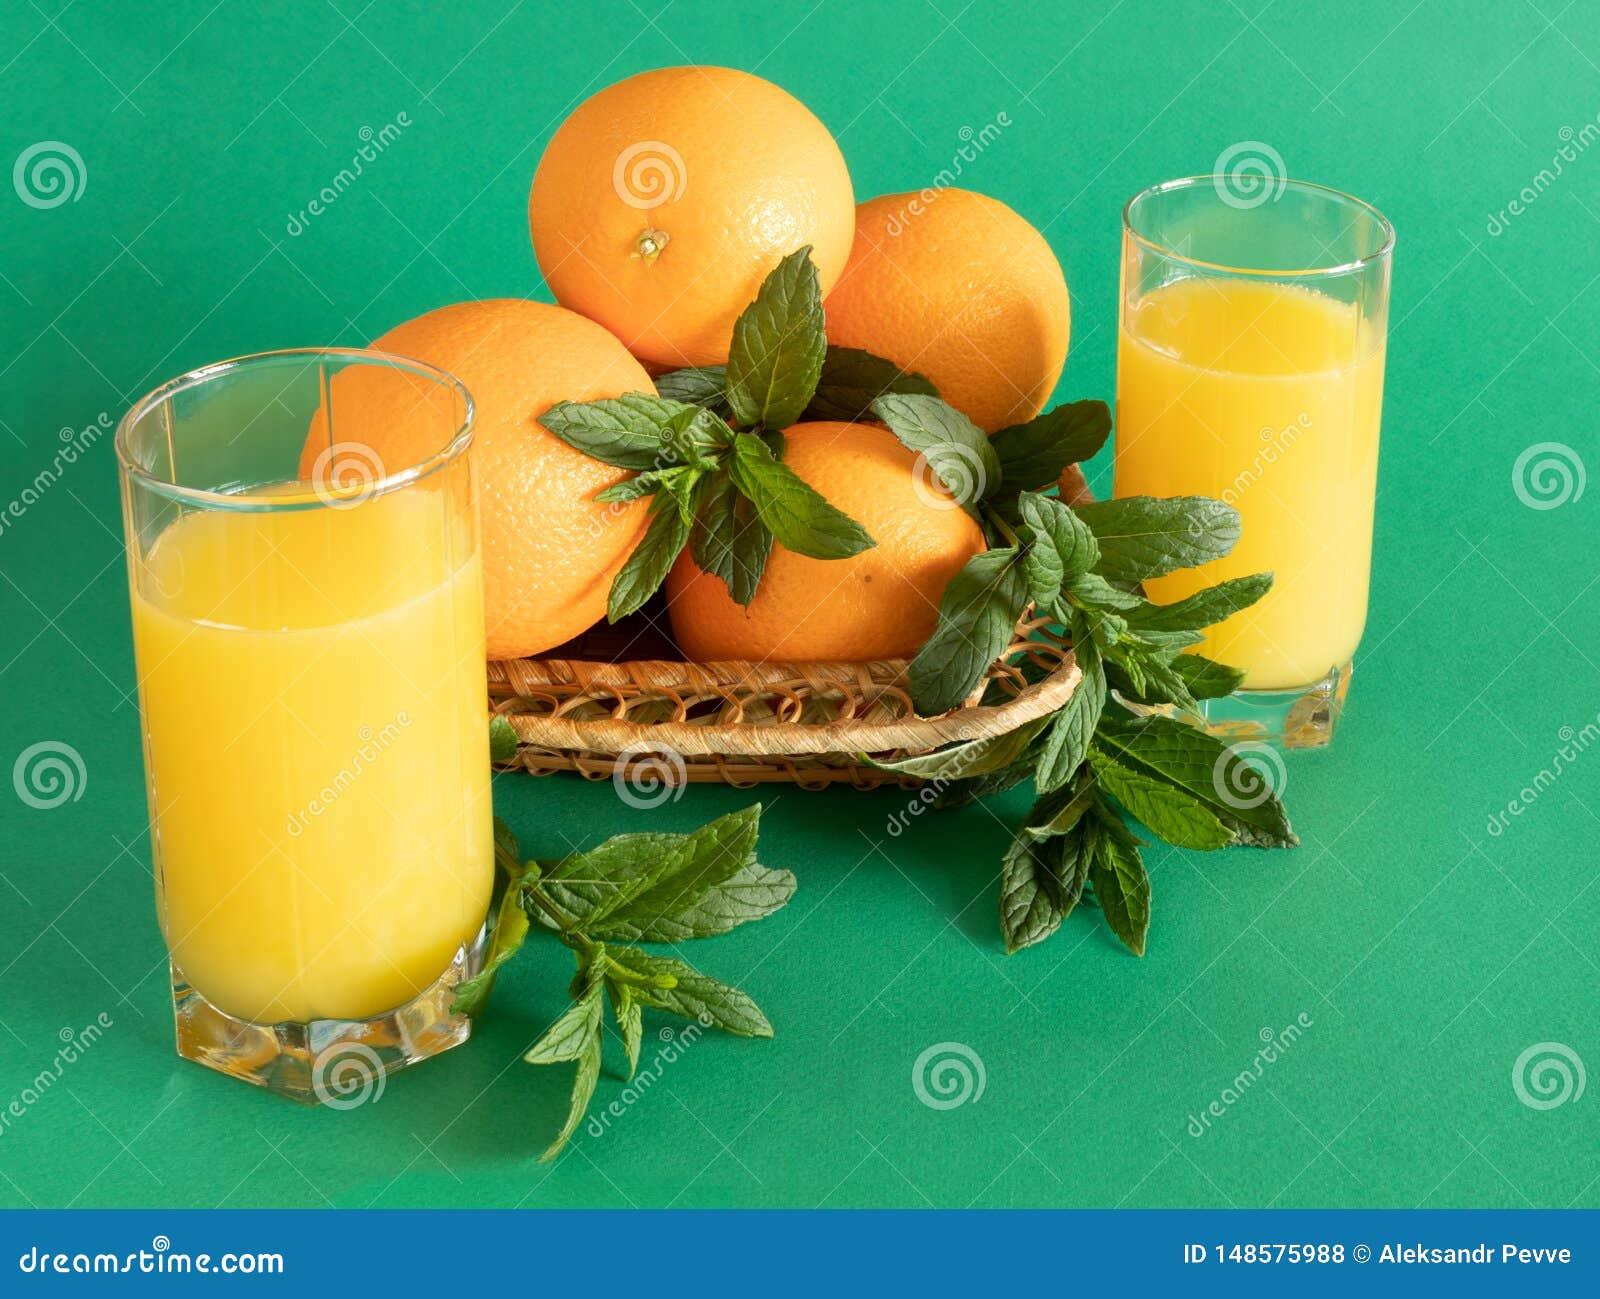 Weidensch?ssel mit Orangen und Minze auf gr?nem Hintergrund